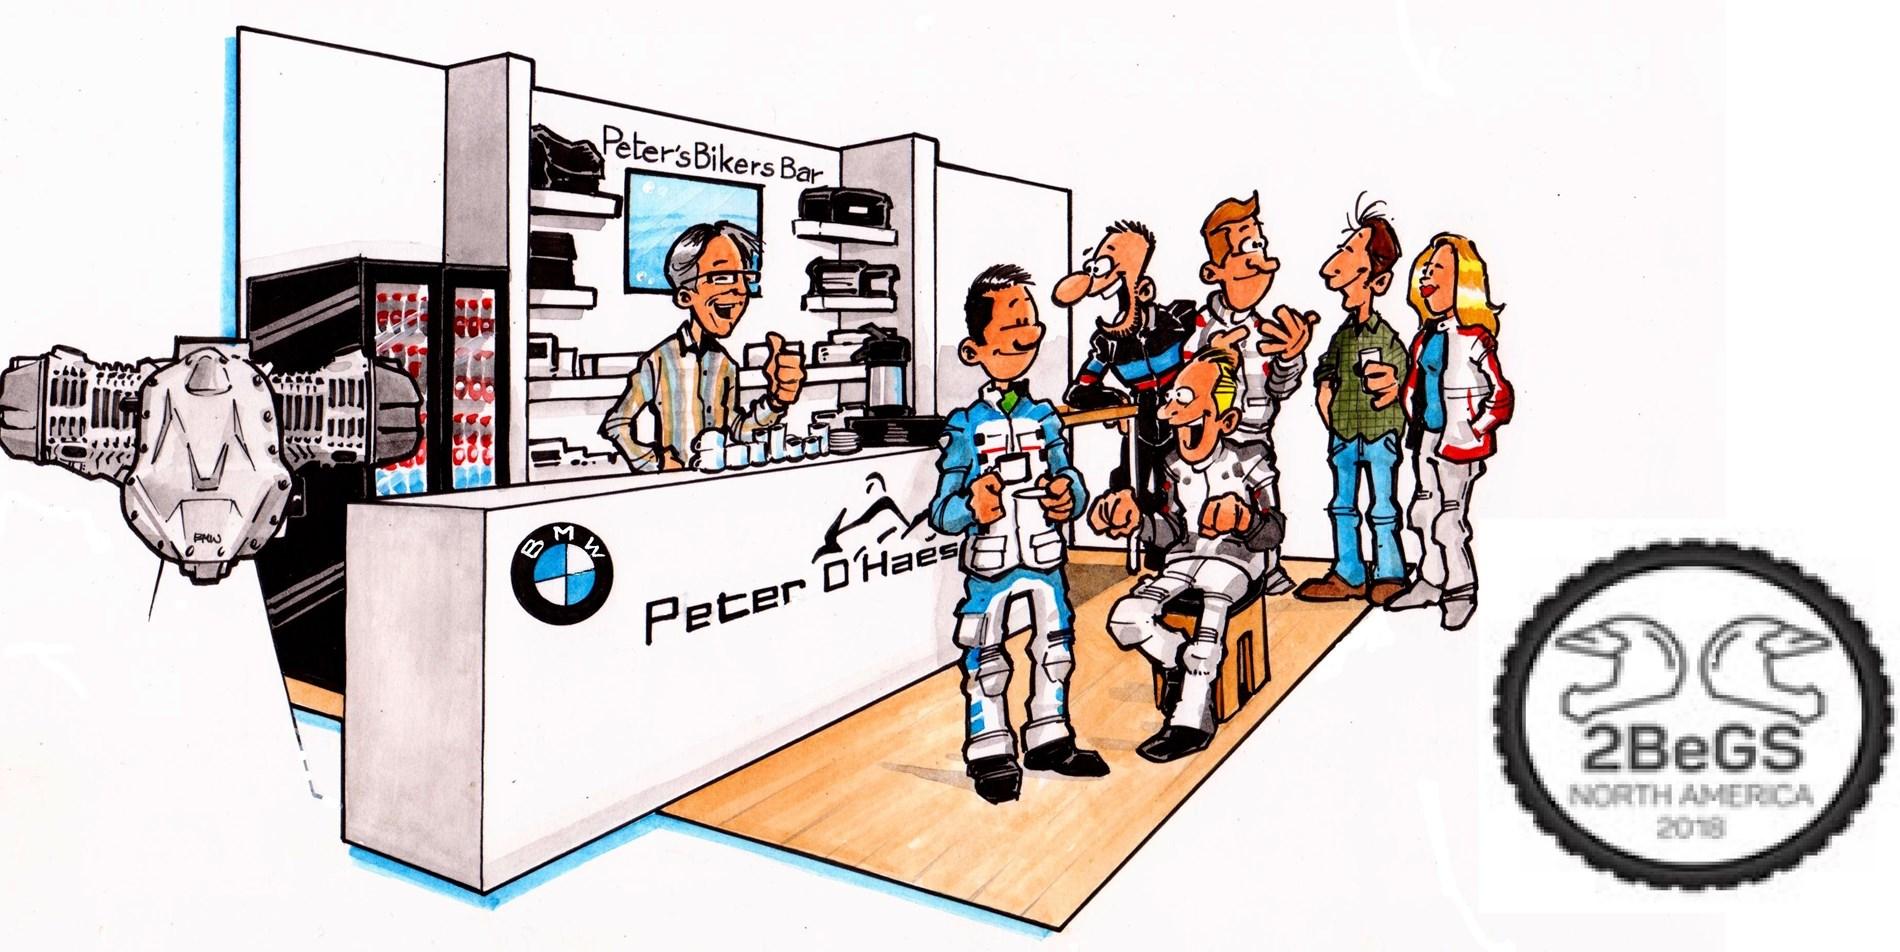 Peter's Bikers bar is open op donderdagavond 7 november 2019 in ZOTTEGEM